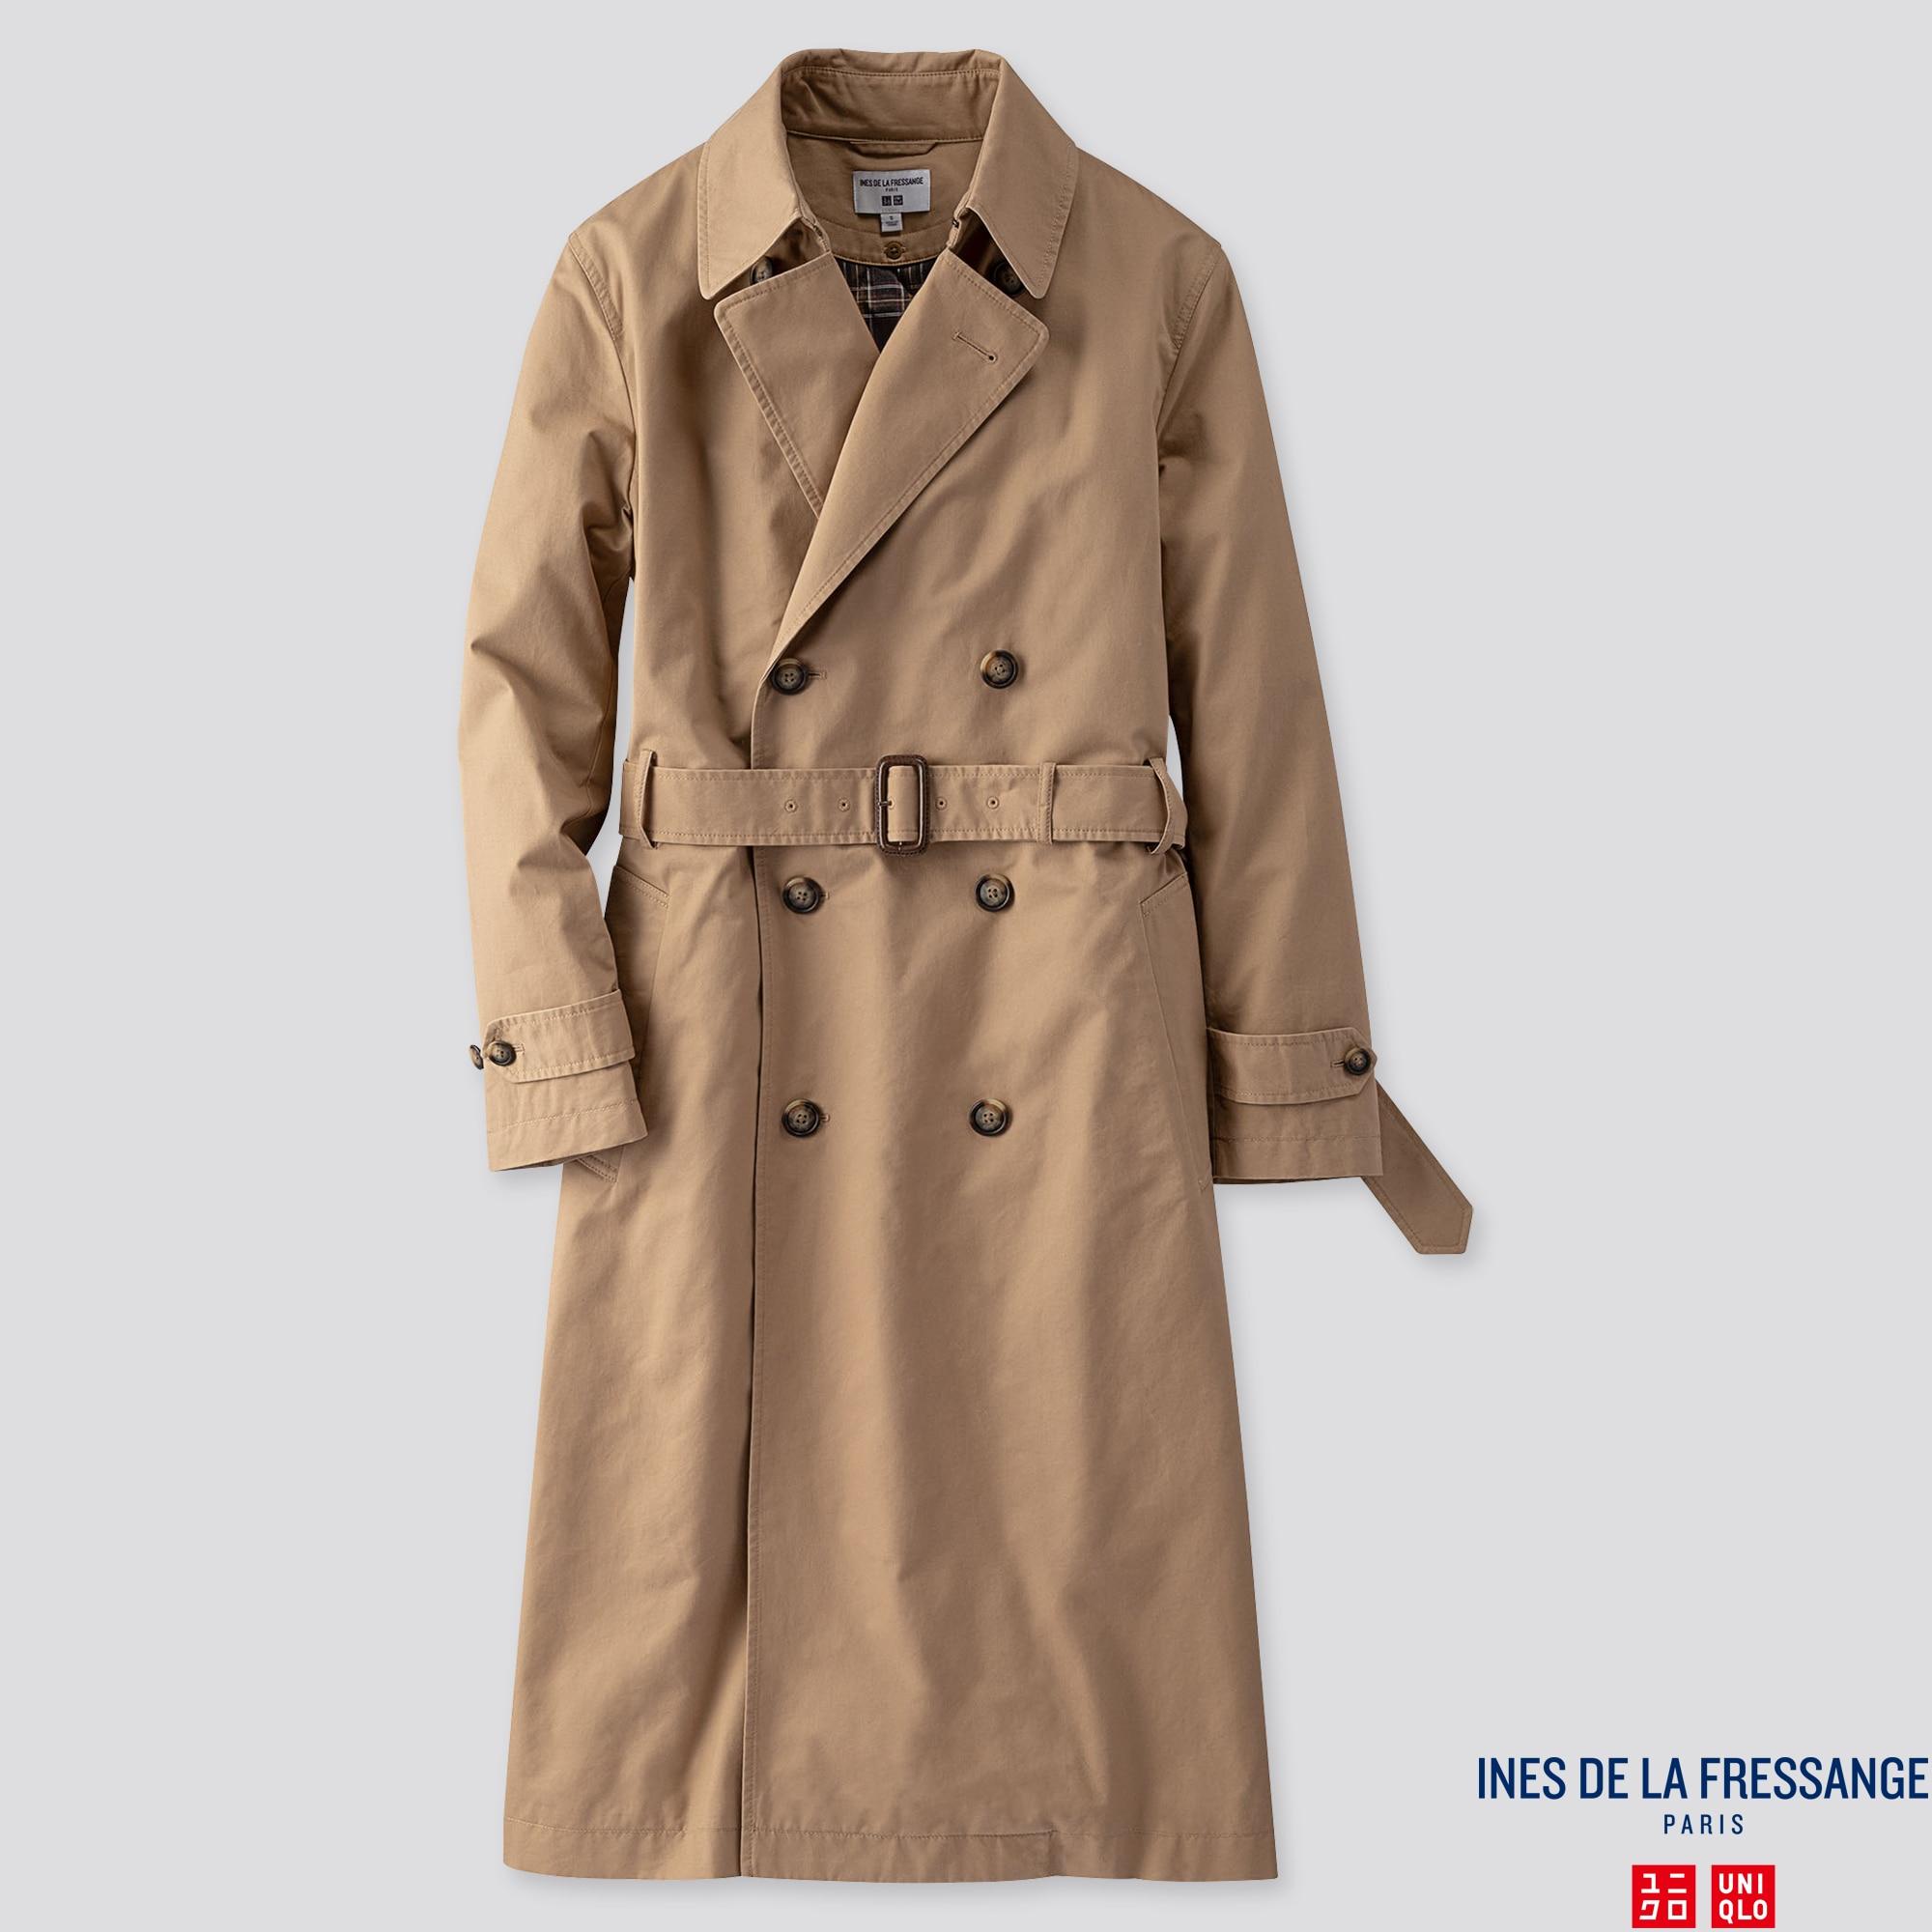 online retailer 7a510 15530 WOMEN TRENCH COAT (INES DE LA FRESSANGE)